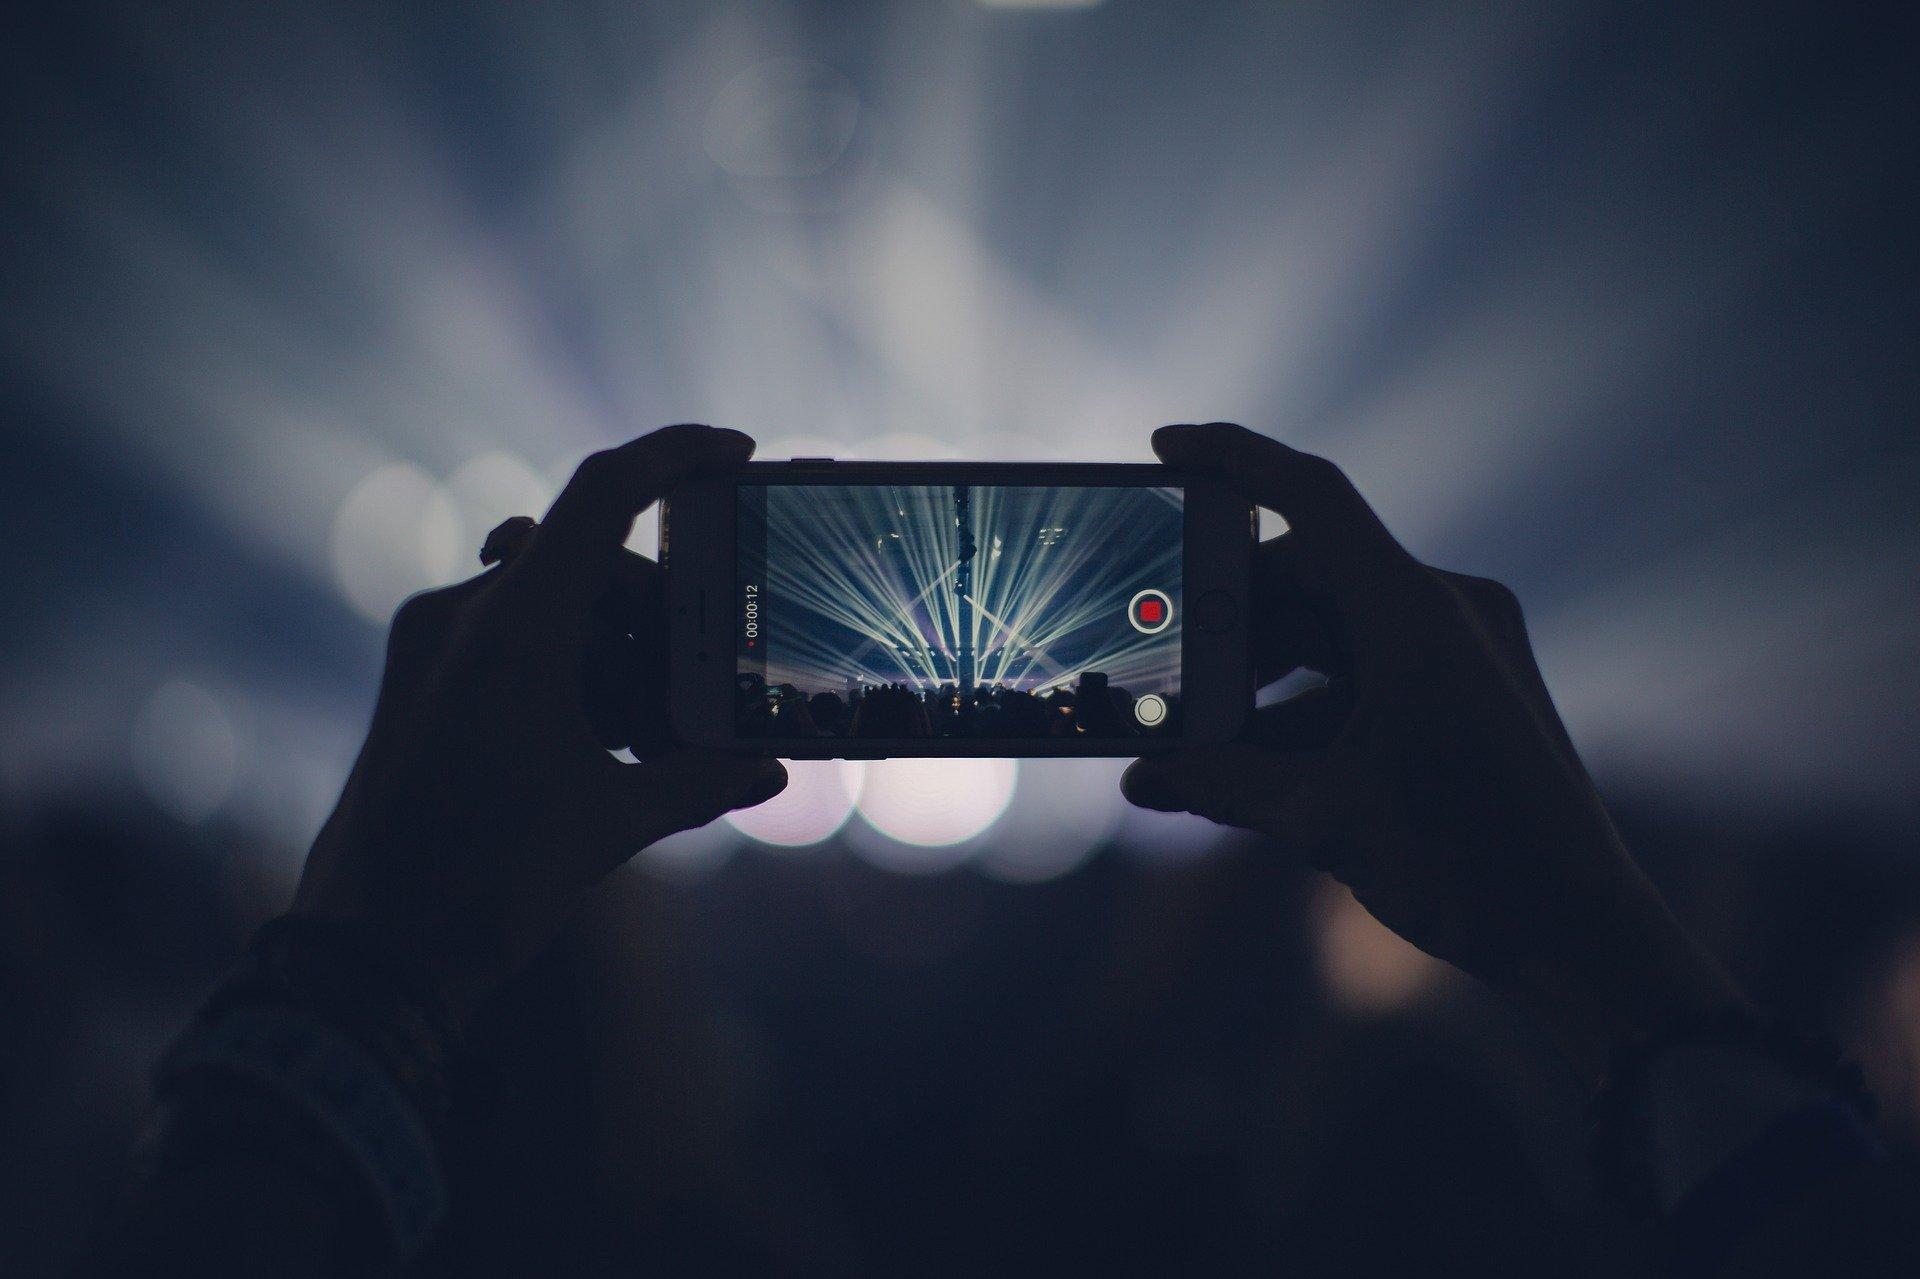 zbliżenie na kobiece dłonie trzymające smartfona do zdjęcia